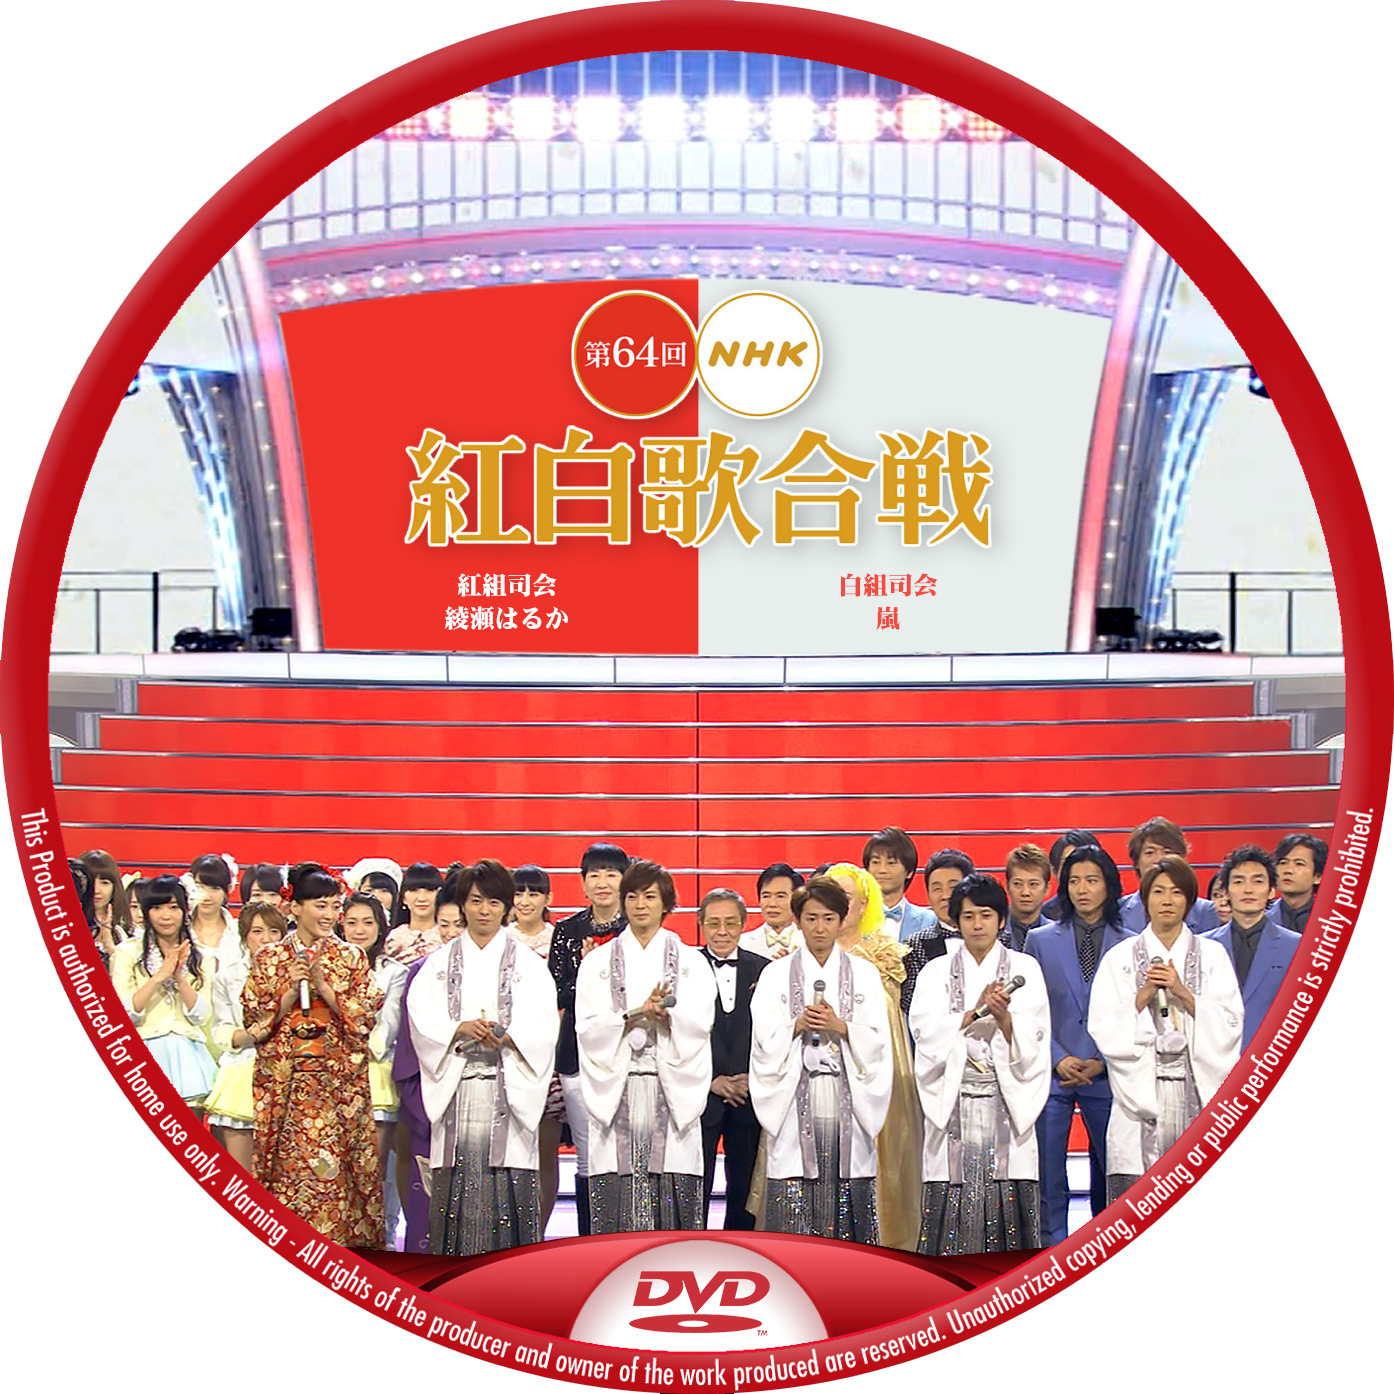 2013年末 紅白歌合戦 DVDラベル